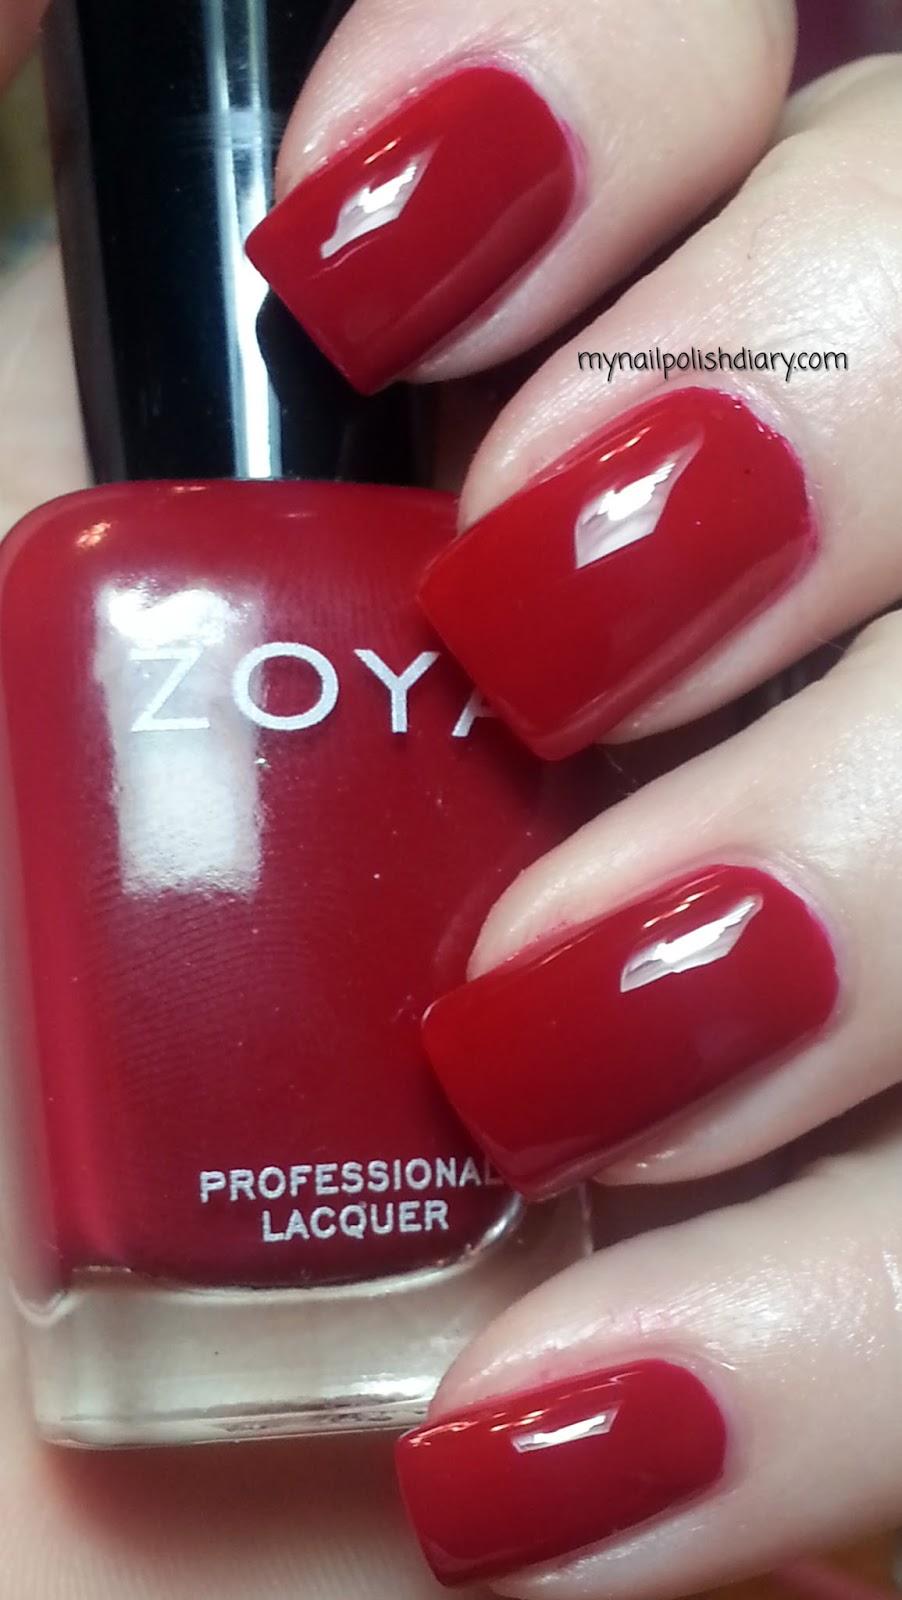 Zoya Red